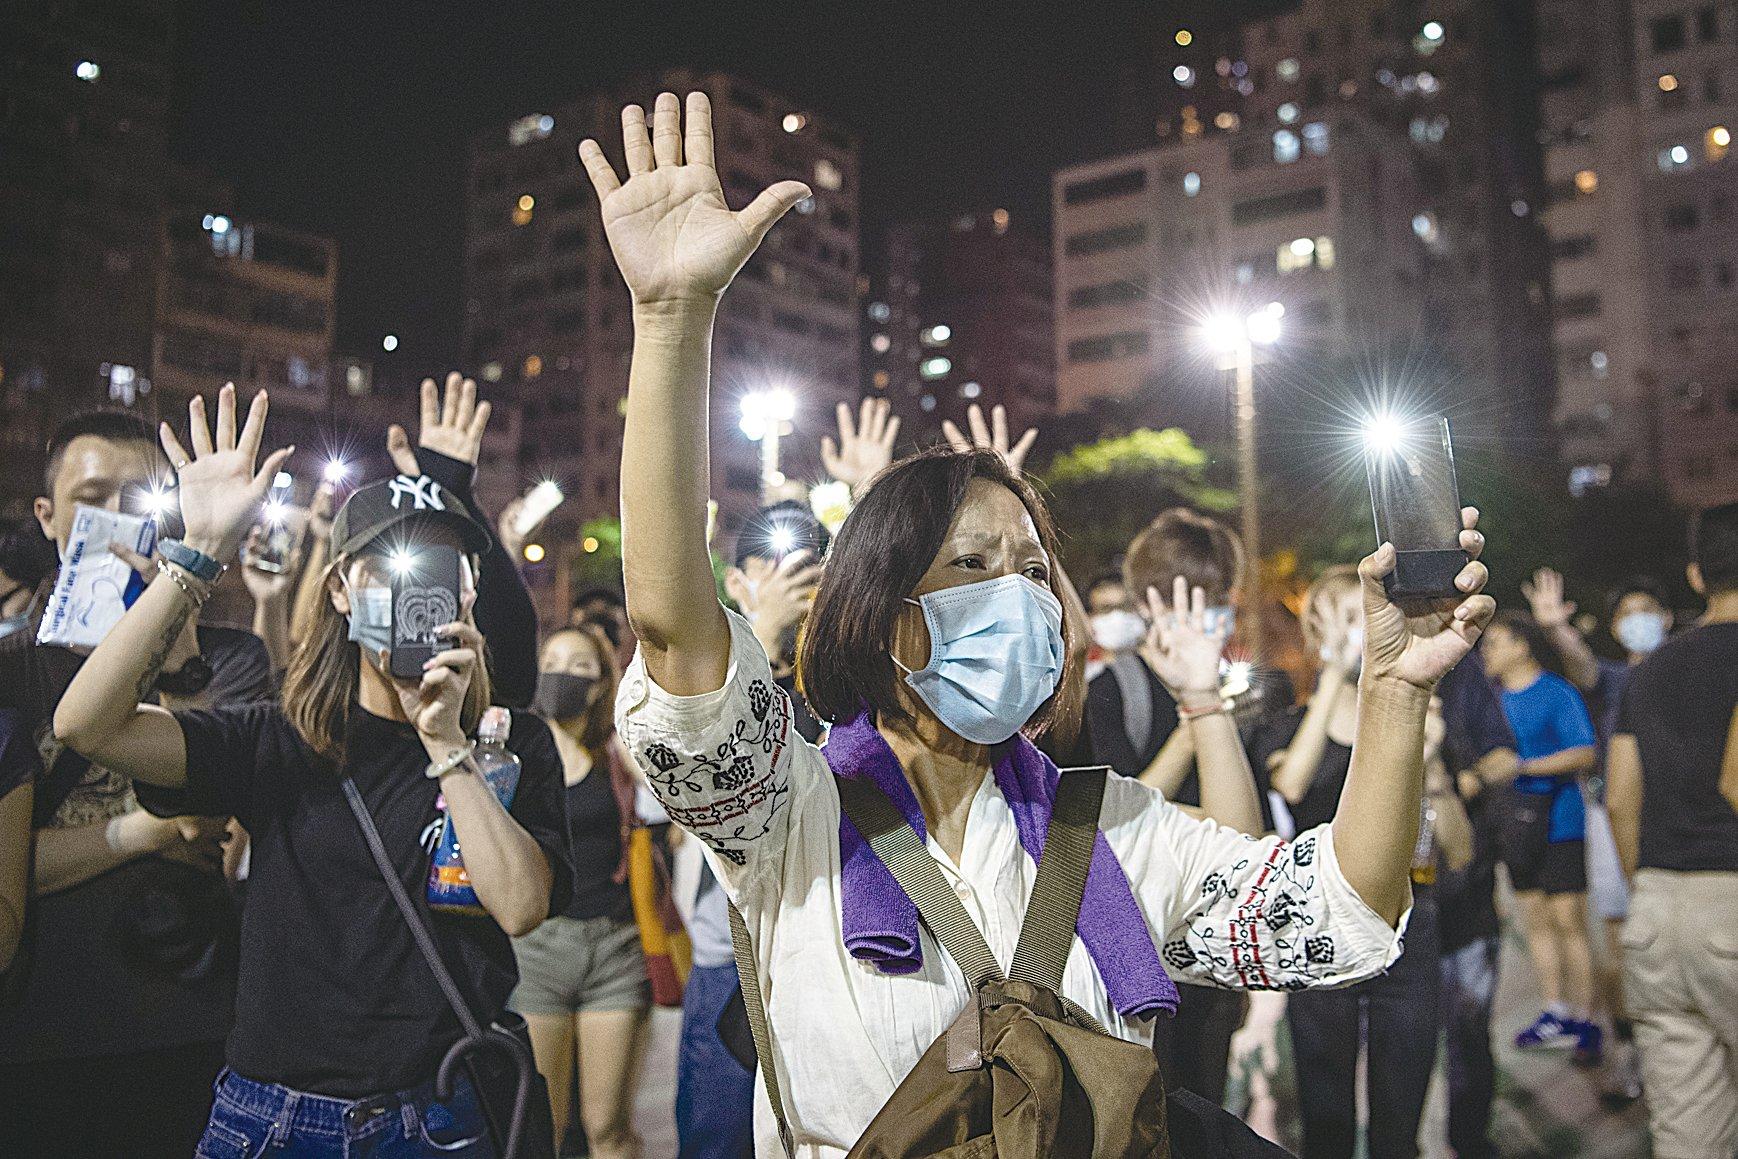 2019年10月5日,香港民眾發起港島遊行。深水埗區,民眾伸出五個手指表達「五大訴求 缺一不可」。(Laurel Chor/Getty Images)